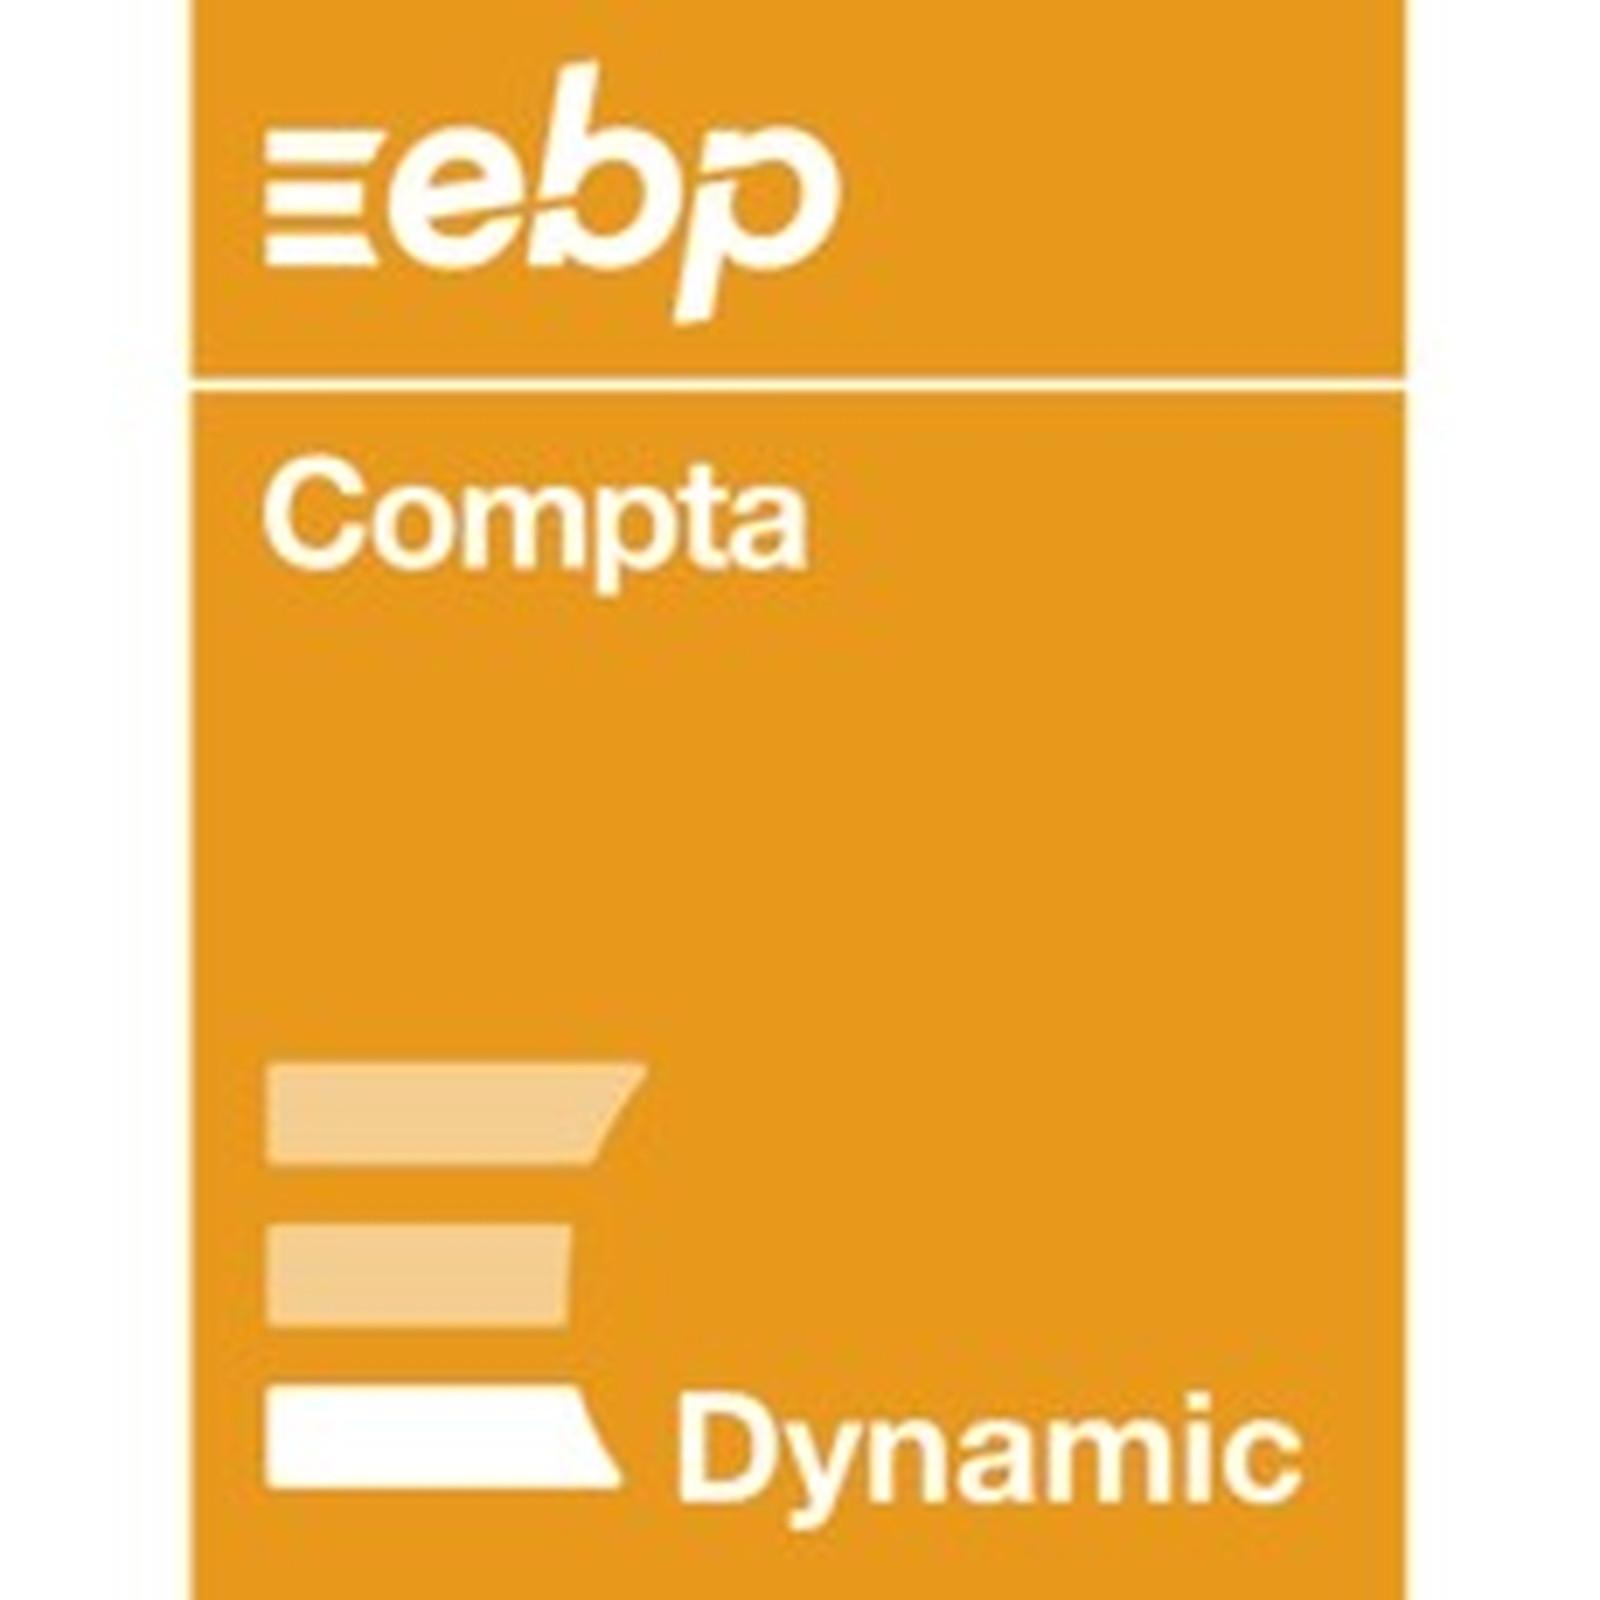 EBP 2012 TÉLÉCHARGER COMPTA LIBERALE